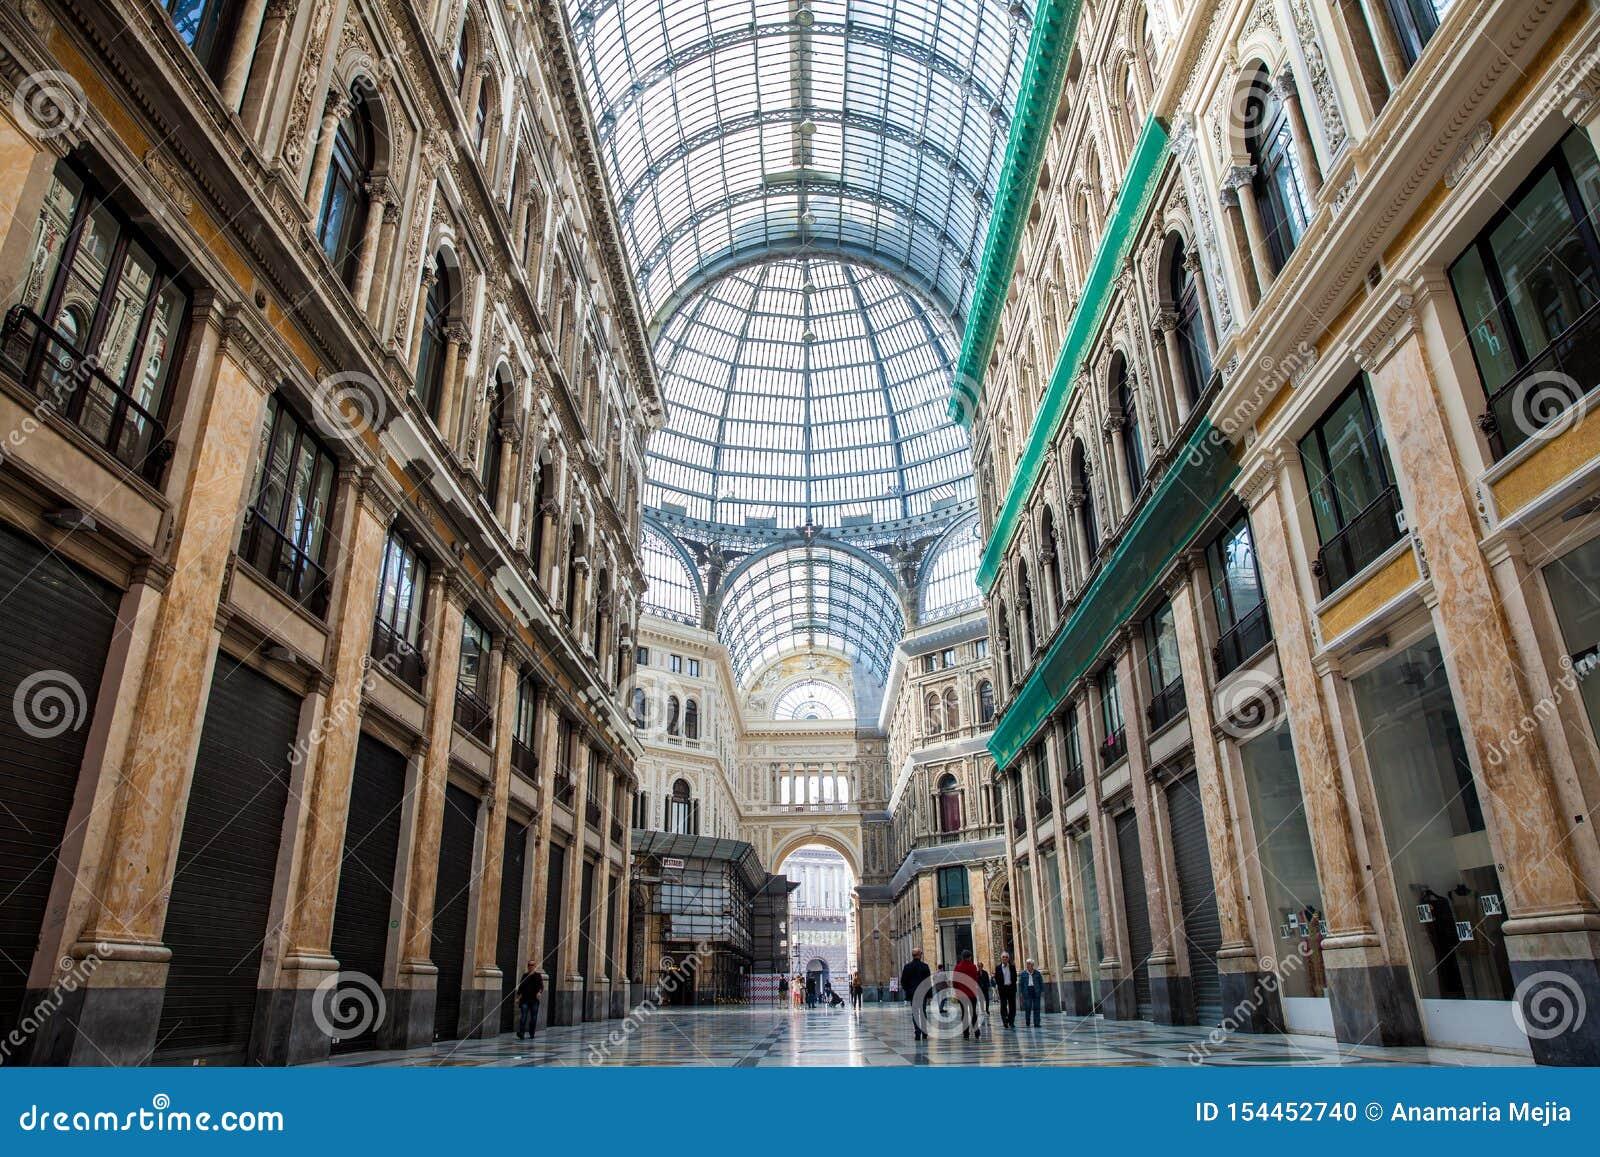 Galleria Umberto I een openbare het winkelen galerij in Napels